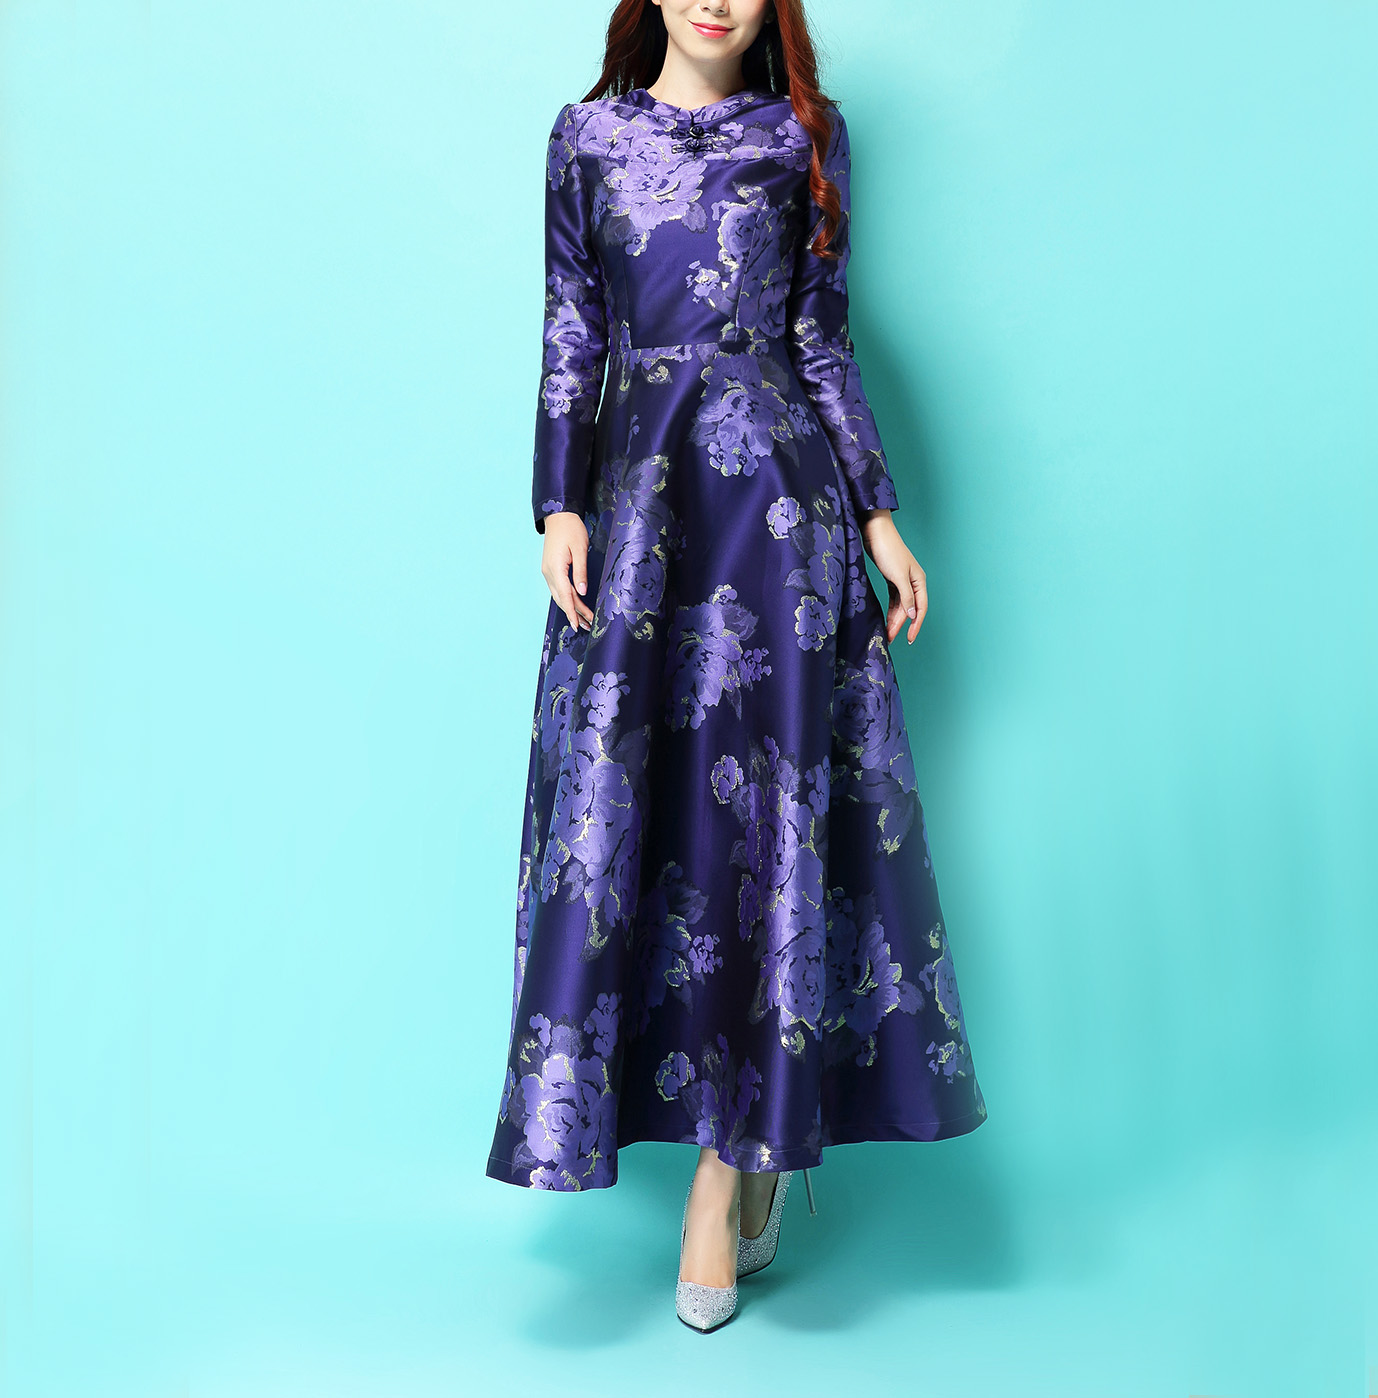 Flor Manga Imprimir Largo 2017 Chino Mujer Maxi Larga De Vestido Púrpura Plua Piso Estilo Púrpura Delgado Tamaño Otoño longitud Invierno Eqqw0pg